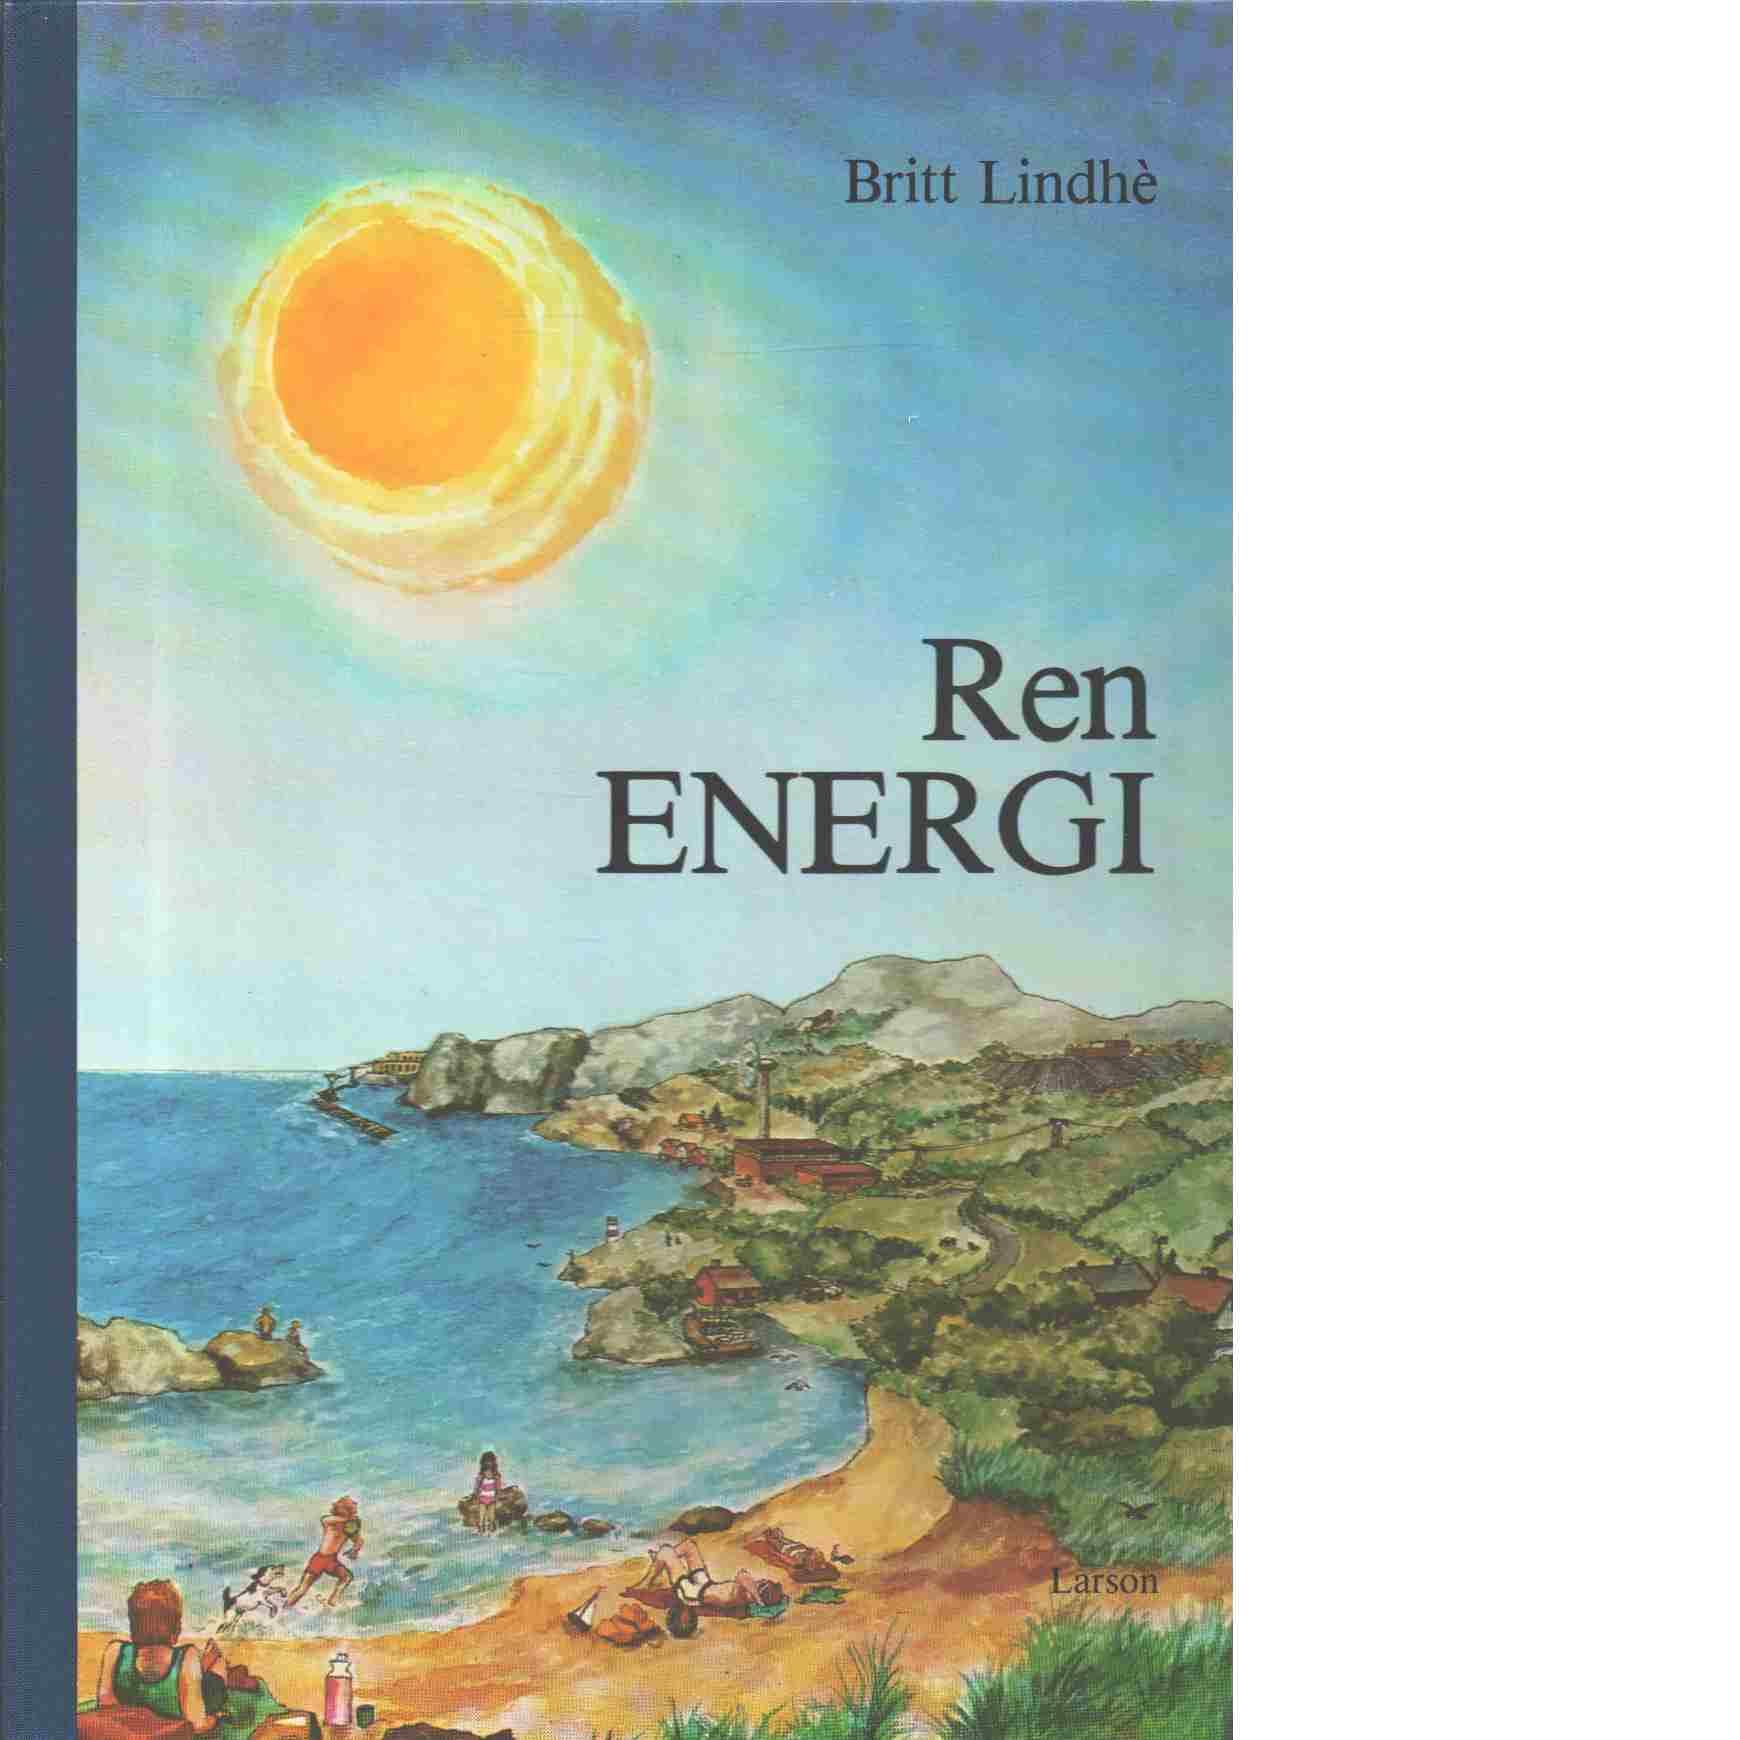 Ren energi - Lindhè, Britt och Danielson, Jan